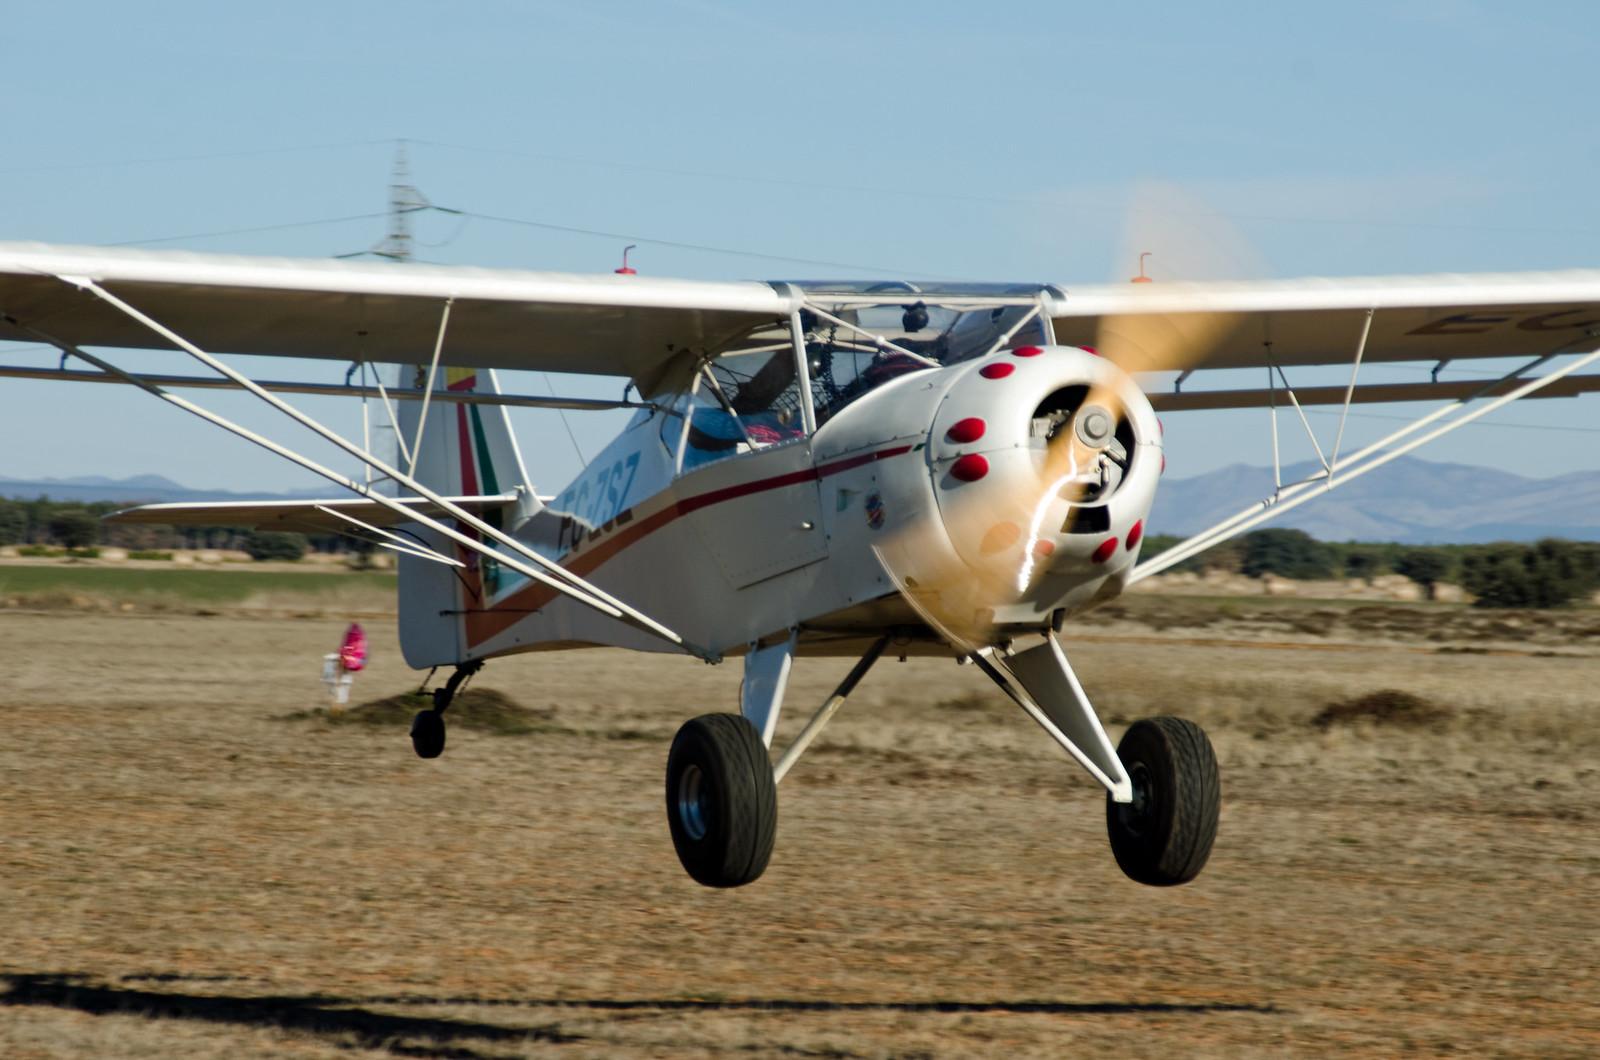 Vuelo Roberto Jabiru UL-450 Aerodromo Kitfox vuelo Astorga (140)